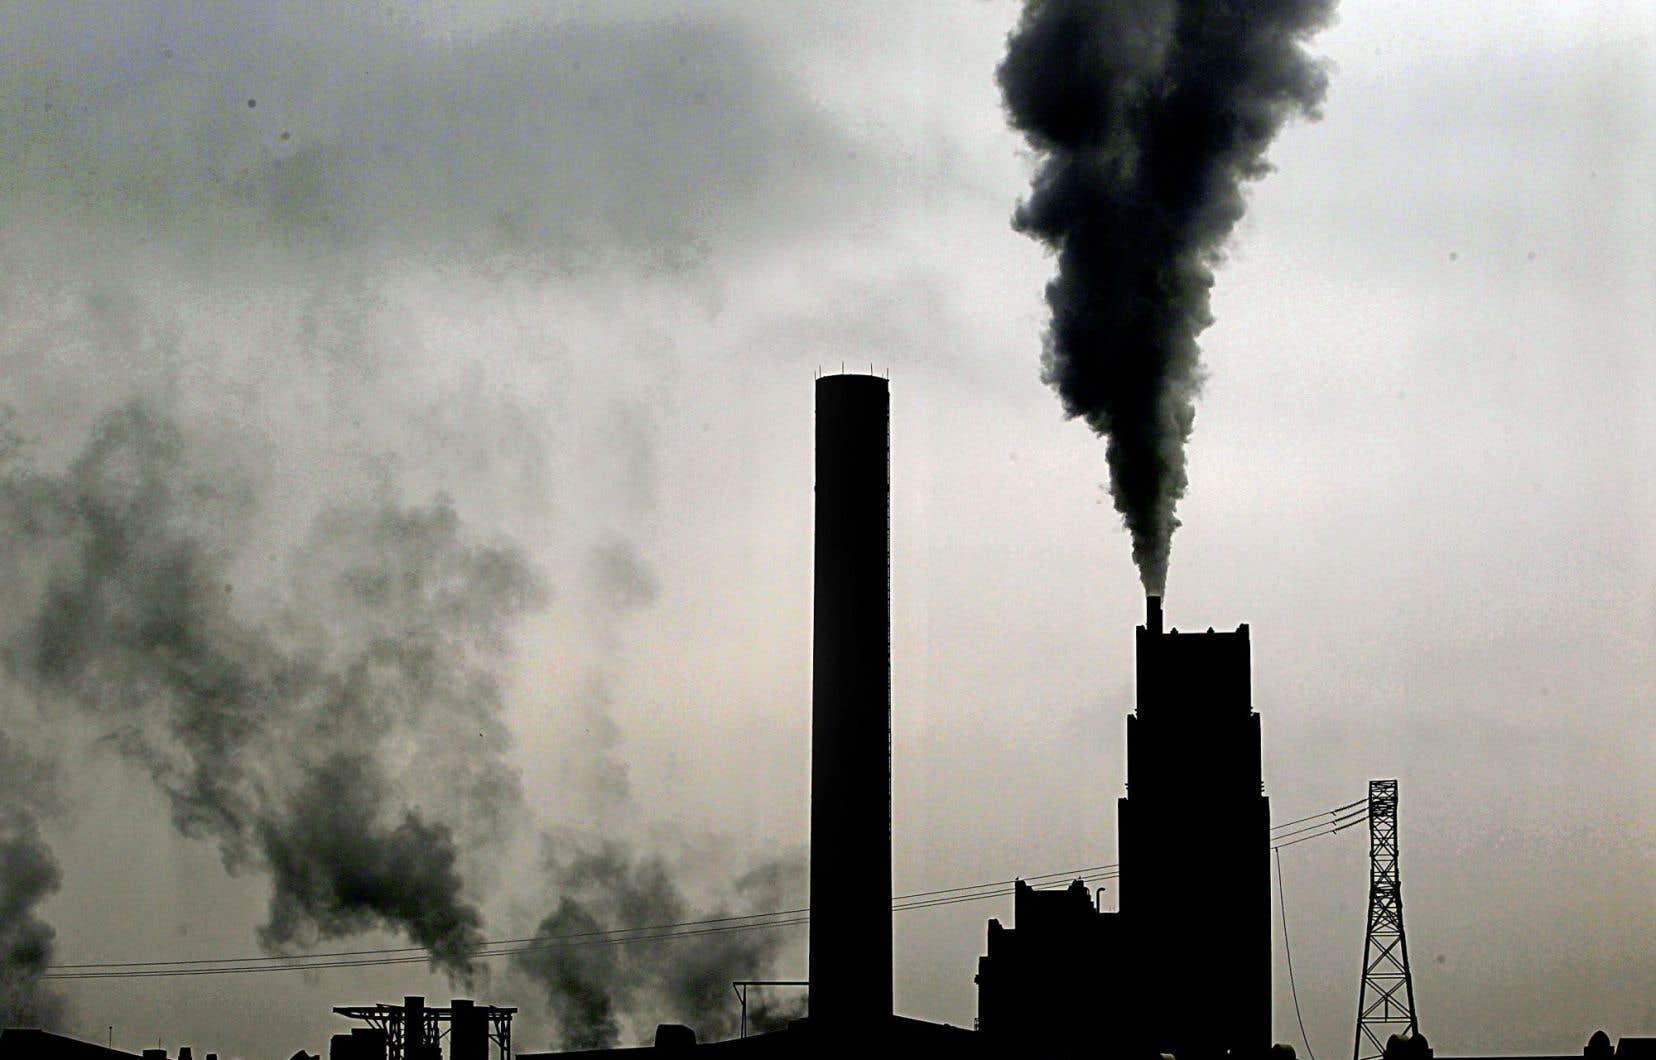 La coalition Intelliprospérité demandera au gouvernement Trudeau de réévaluer la cible de réduction des GES établie par les conservateurs et d'imposer un prix sur le carbone.